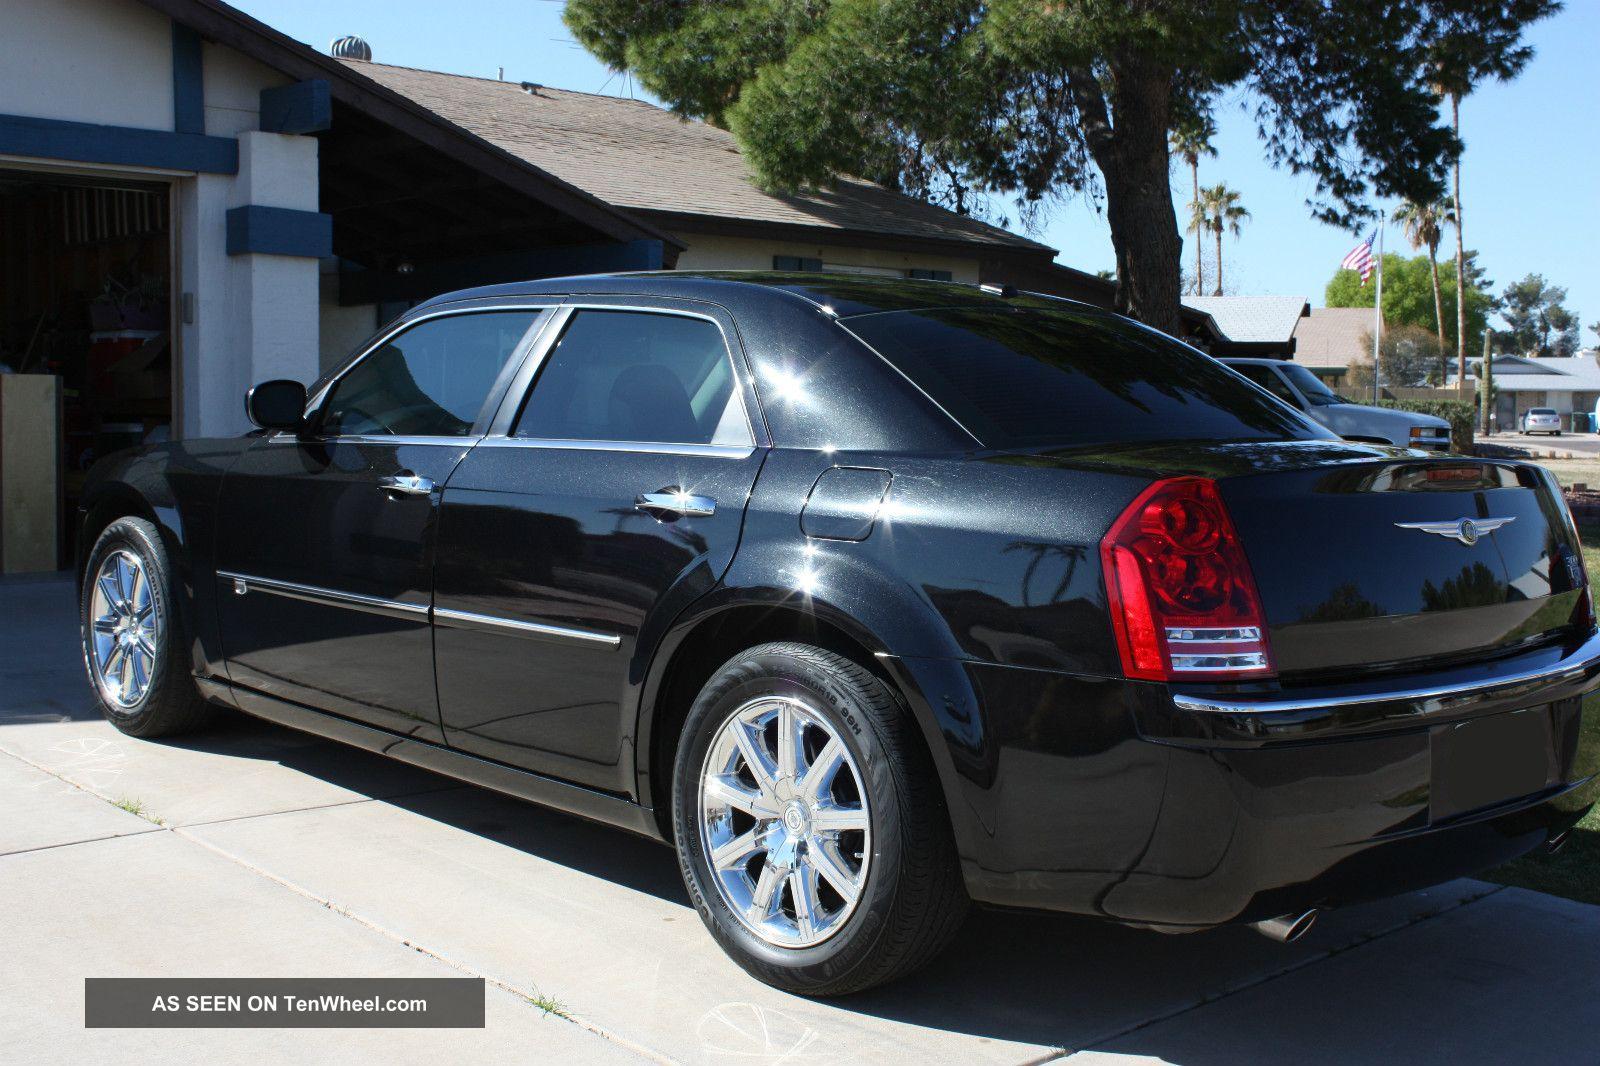 2009 Chrysler 300c 5 7 Litre V8 Hemi Brilliant Black